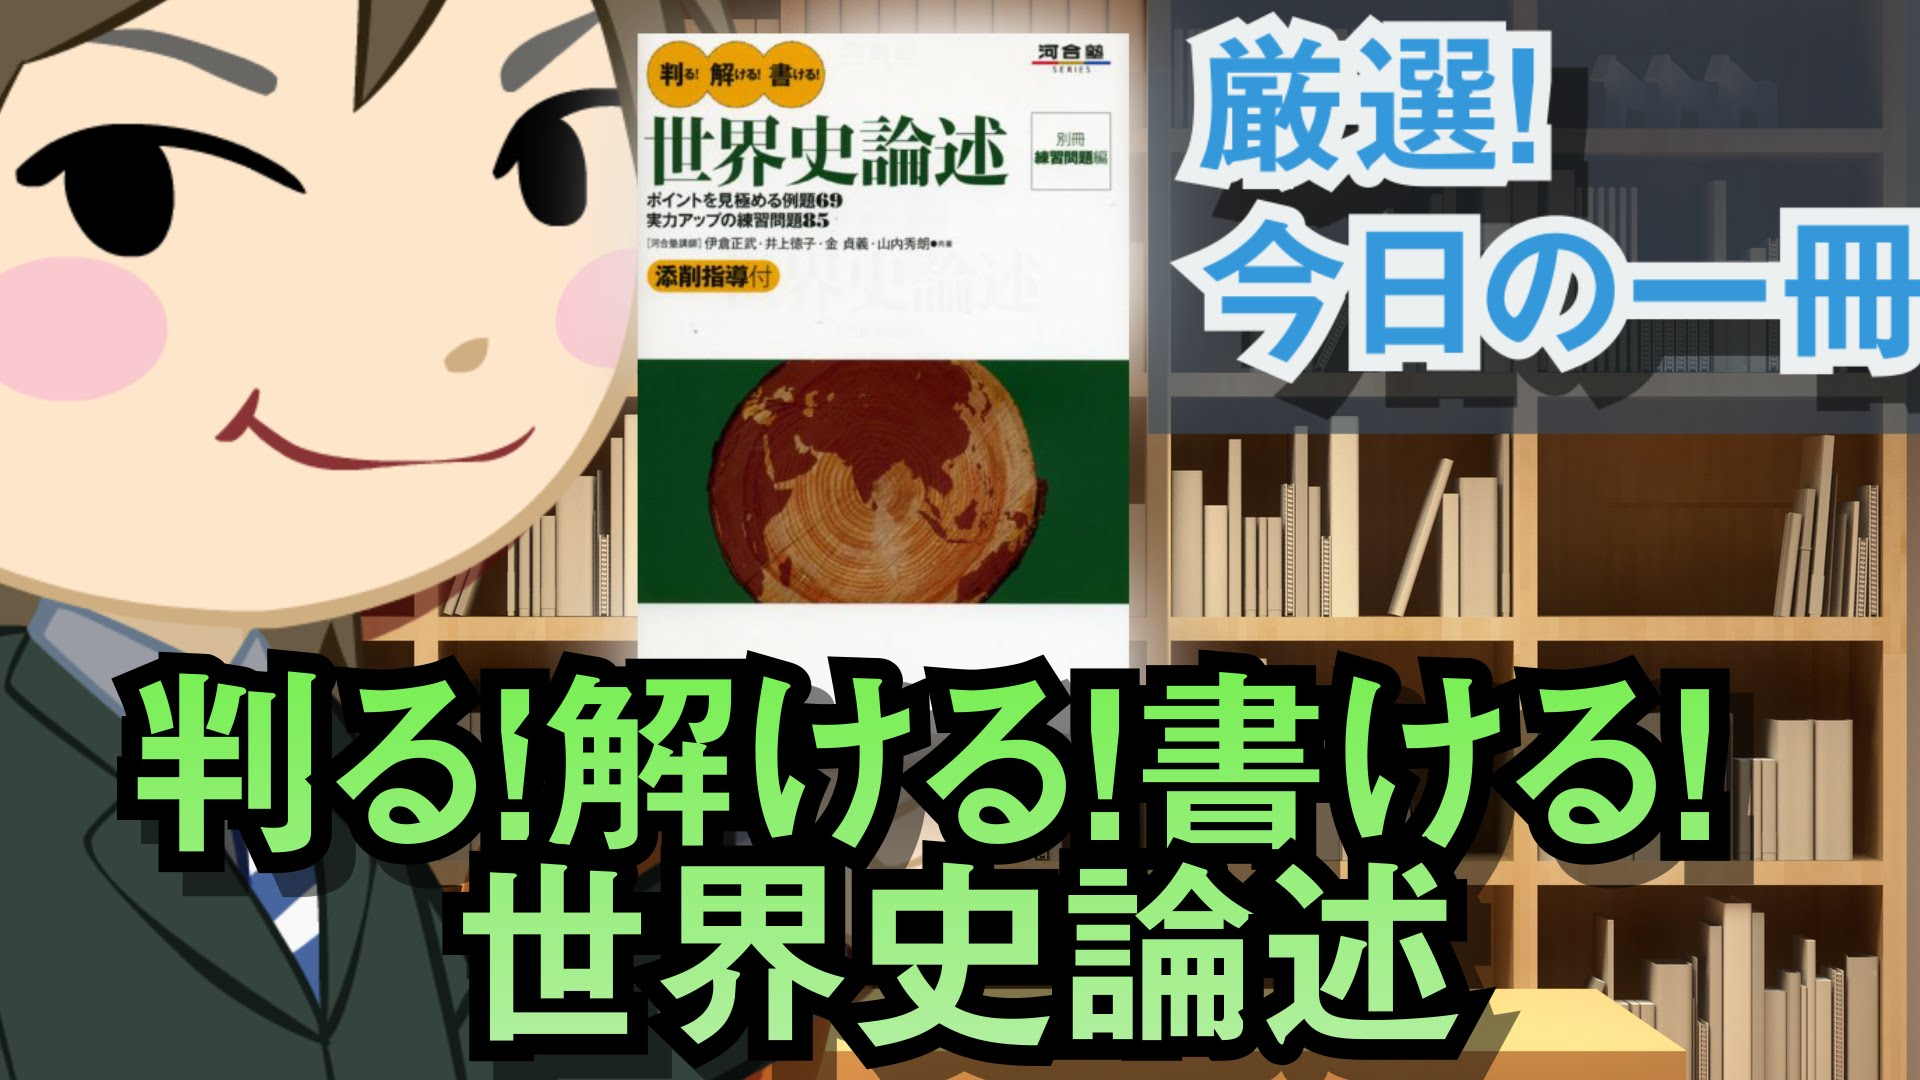 判る!解ける!書ける! 世界史論述|武田塾厳選!今日の一冊